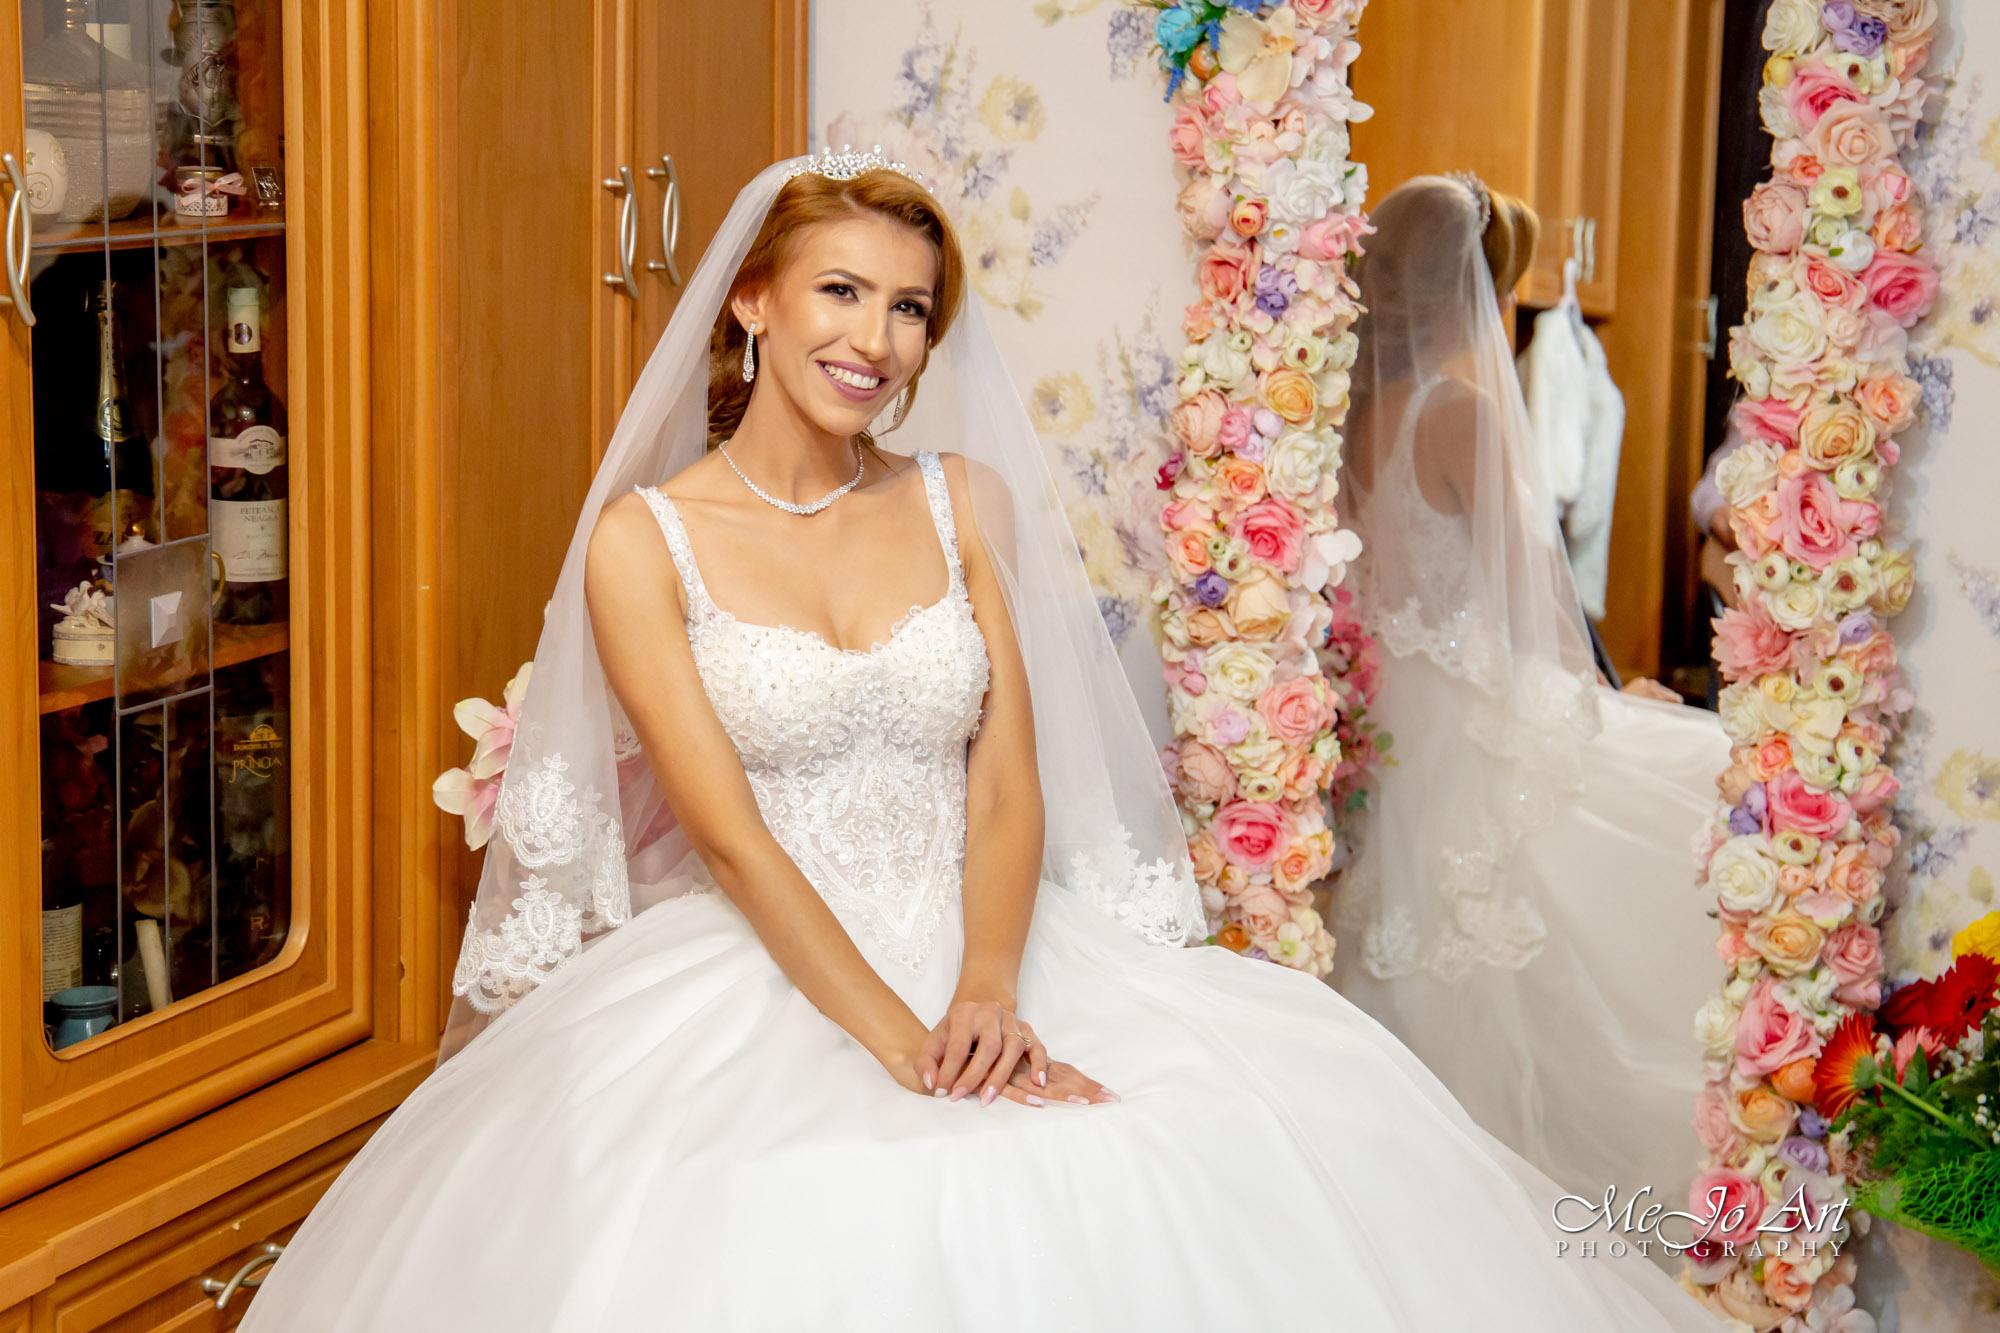 Fotograf nunta constanta-18